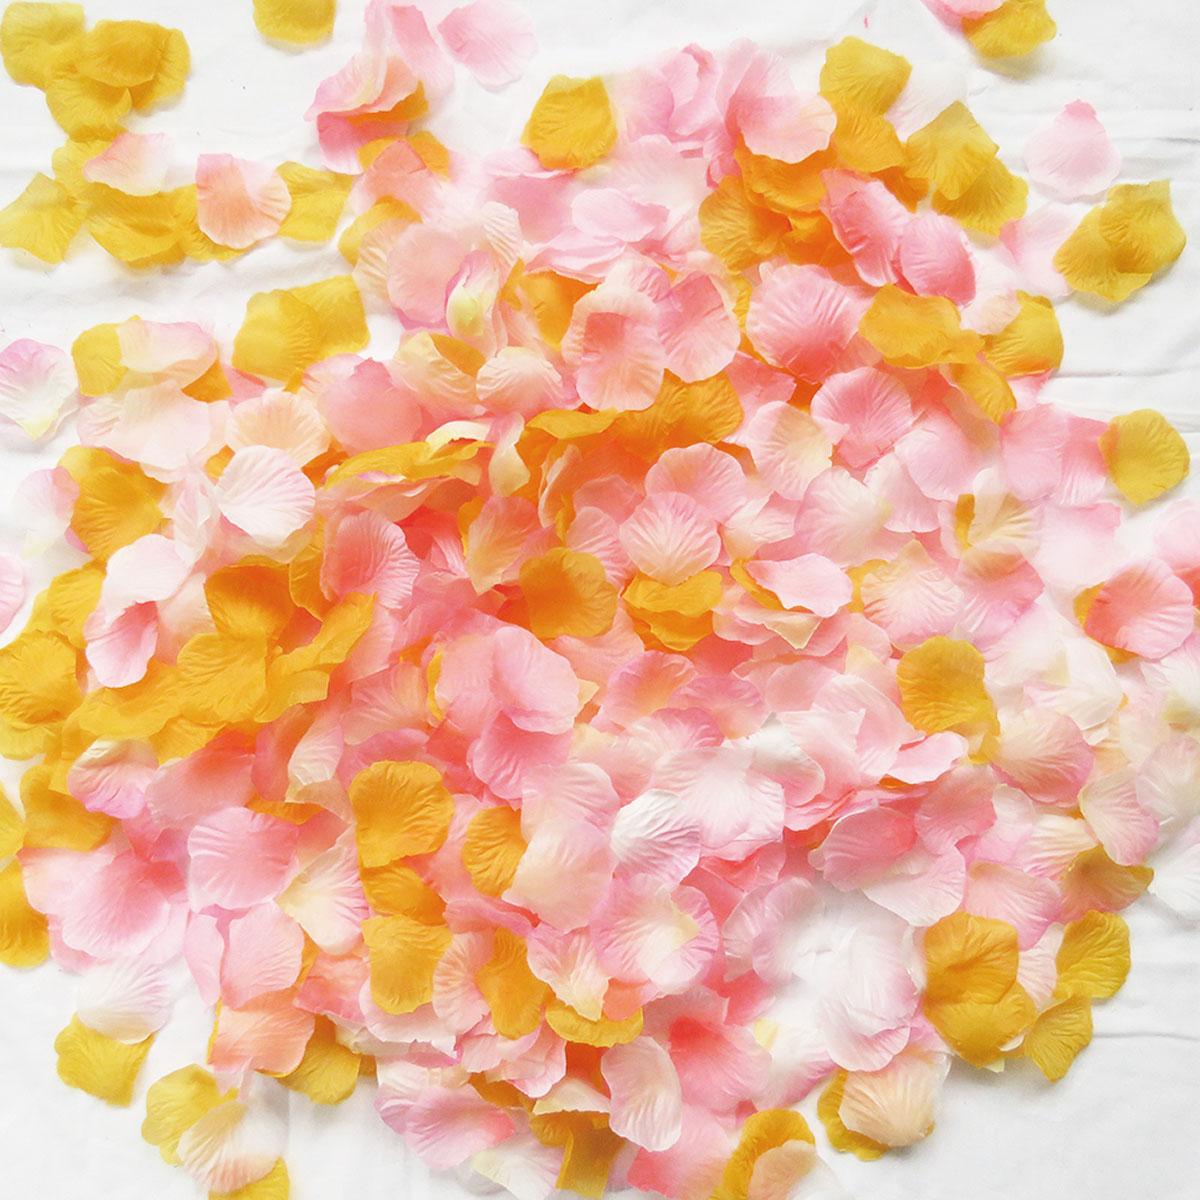 フラワーシャワー 造花 幸せピーチ 5色MIX ウェディング 花びら 約1000枚 ピンク オレンジ 圧縮 結婚式 小物 飾り プレゼント ペーパーフラワー かざりつけ セット 誕生日 プロポーズ flower shower【メール便で送料無料】